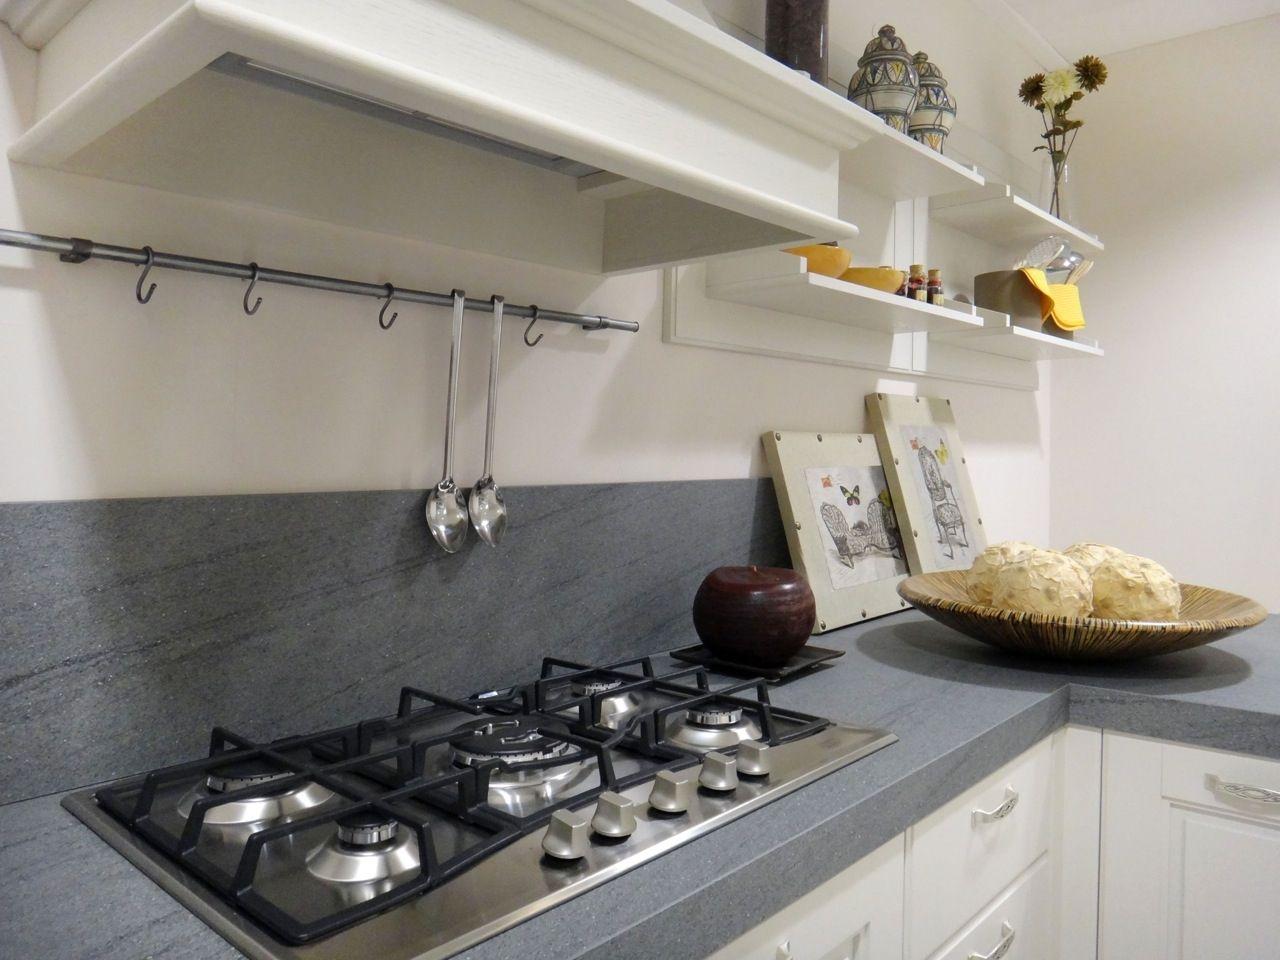 Cucina Moderna Bianca Con Top Grigio.Risultati Immagini Per Cucina Bianca Top Grigio Cucine